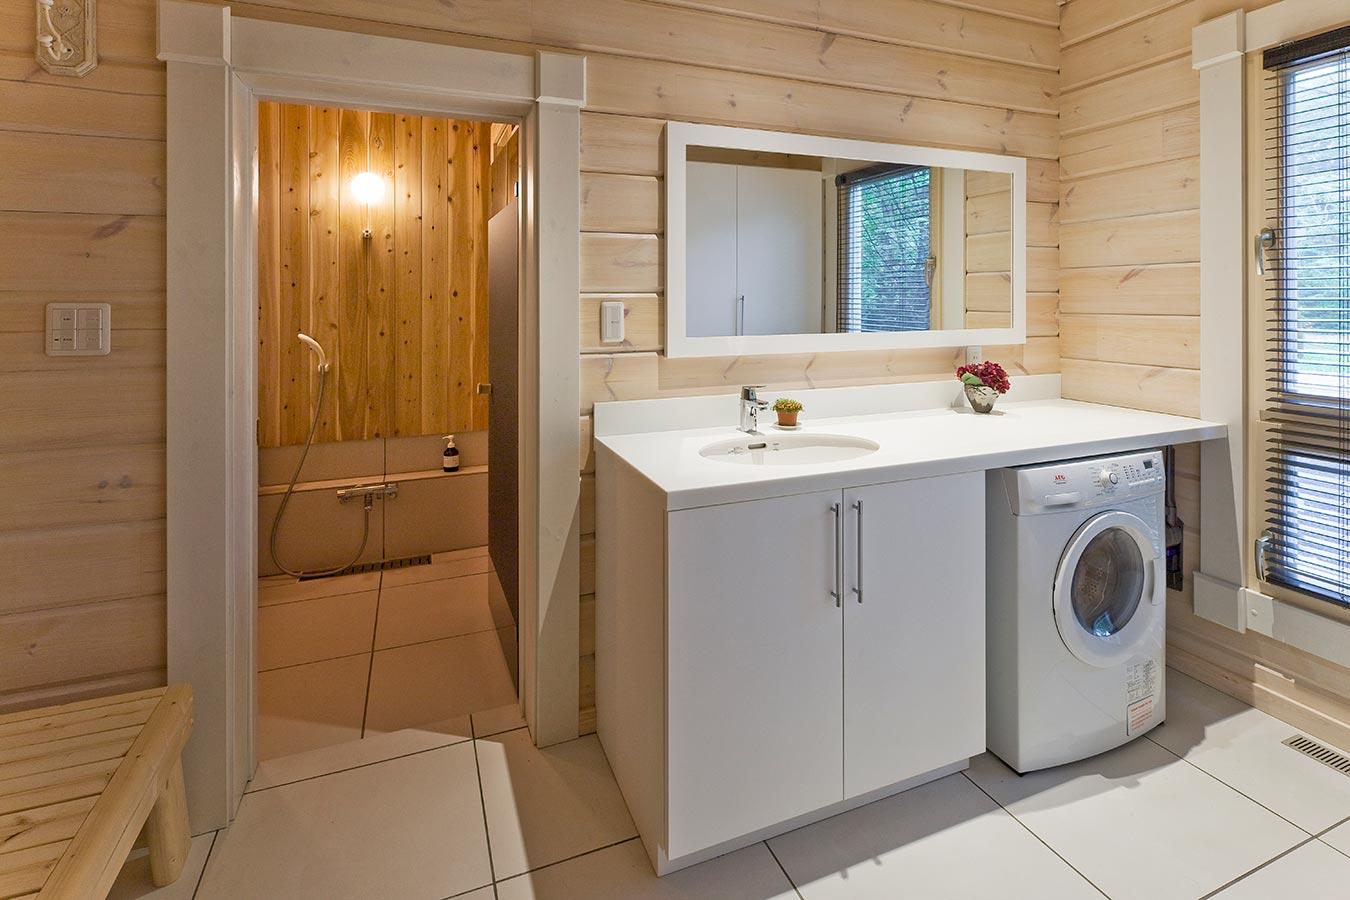 サウナの休憩スペースも兼ねた洗面脱衣所